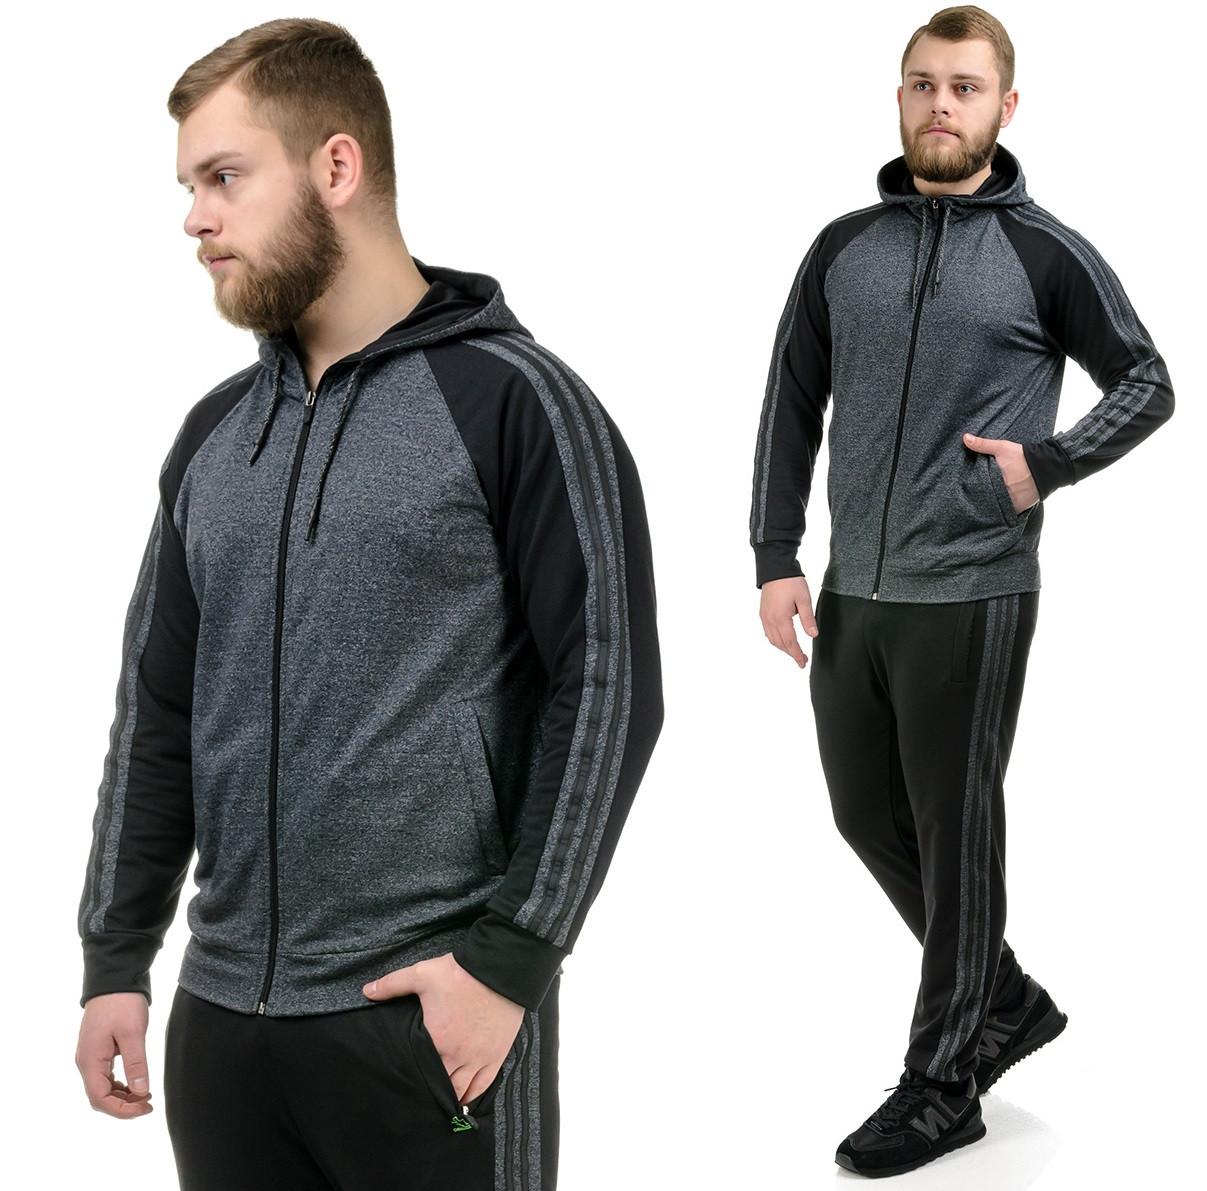 турецкие спортивные костюмы мужские интернет магазин